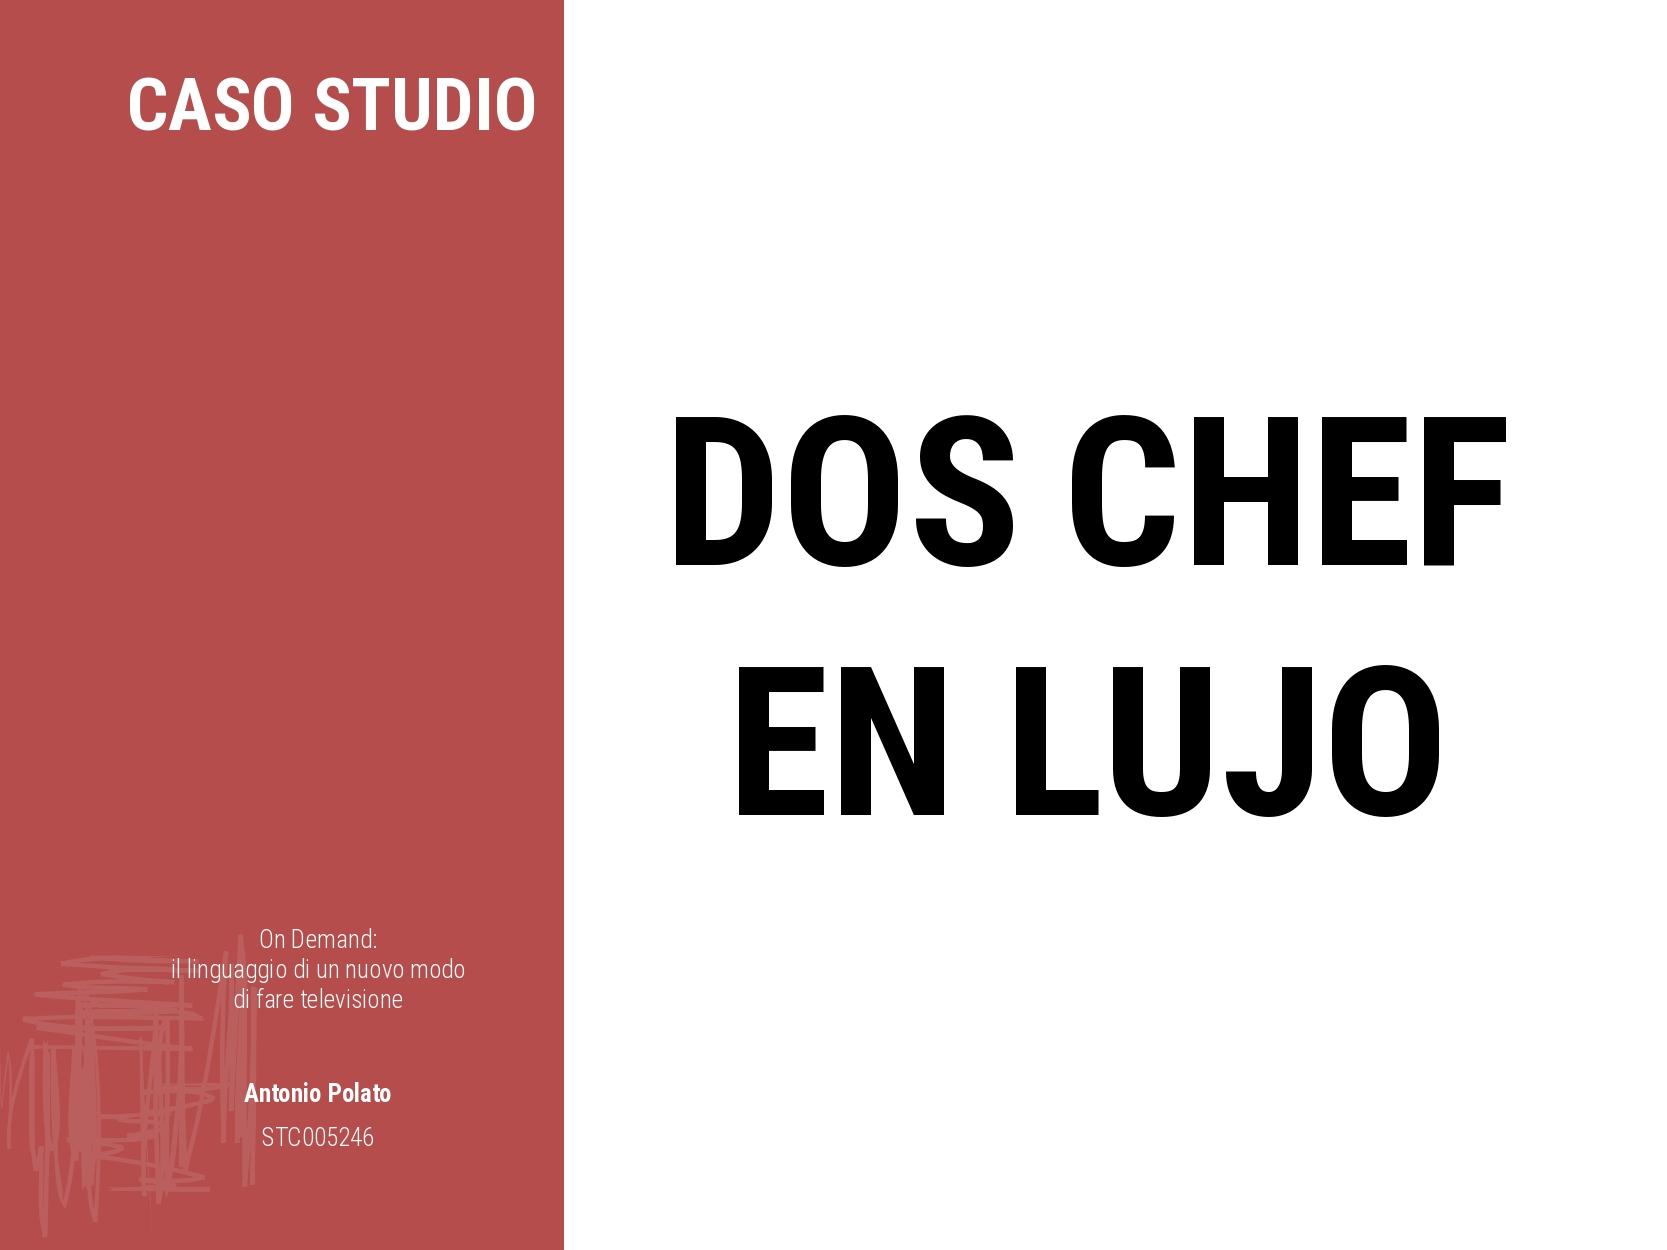 On demand il linguaggio di un nuovo modo di fare la televisione Antonio Polato dos chef en lujo